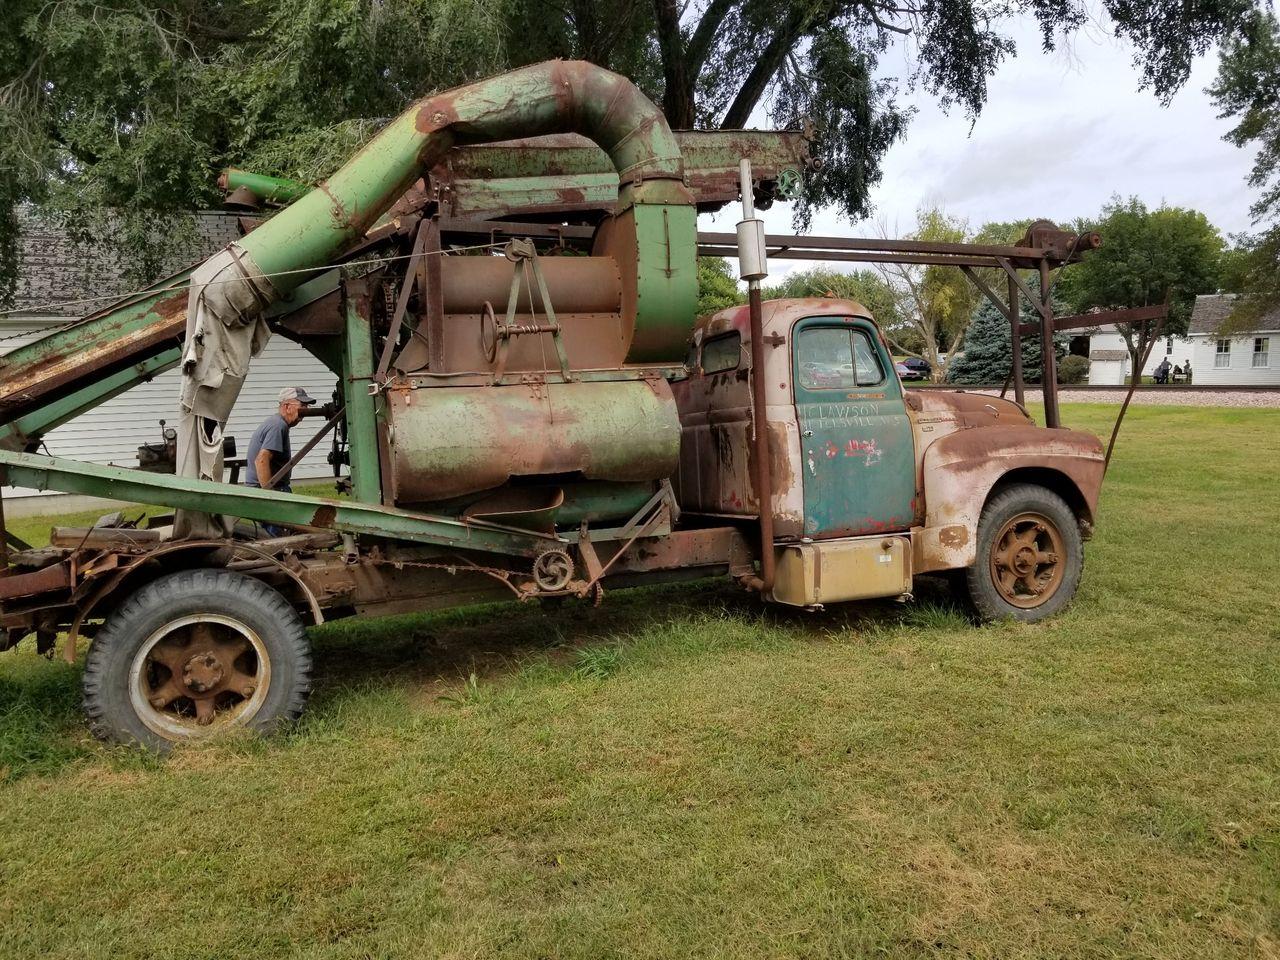 Corn sheller truck